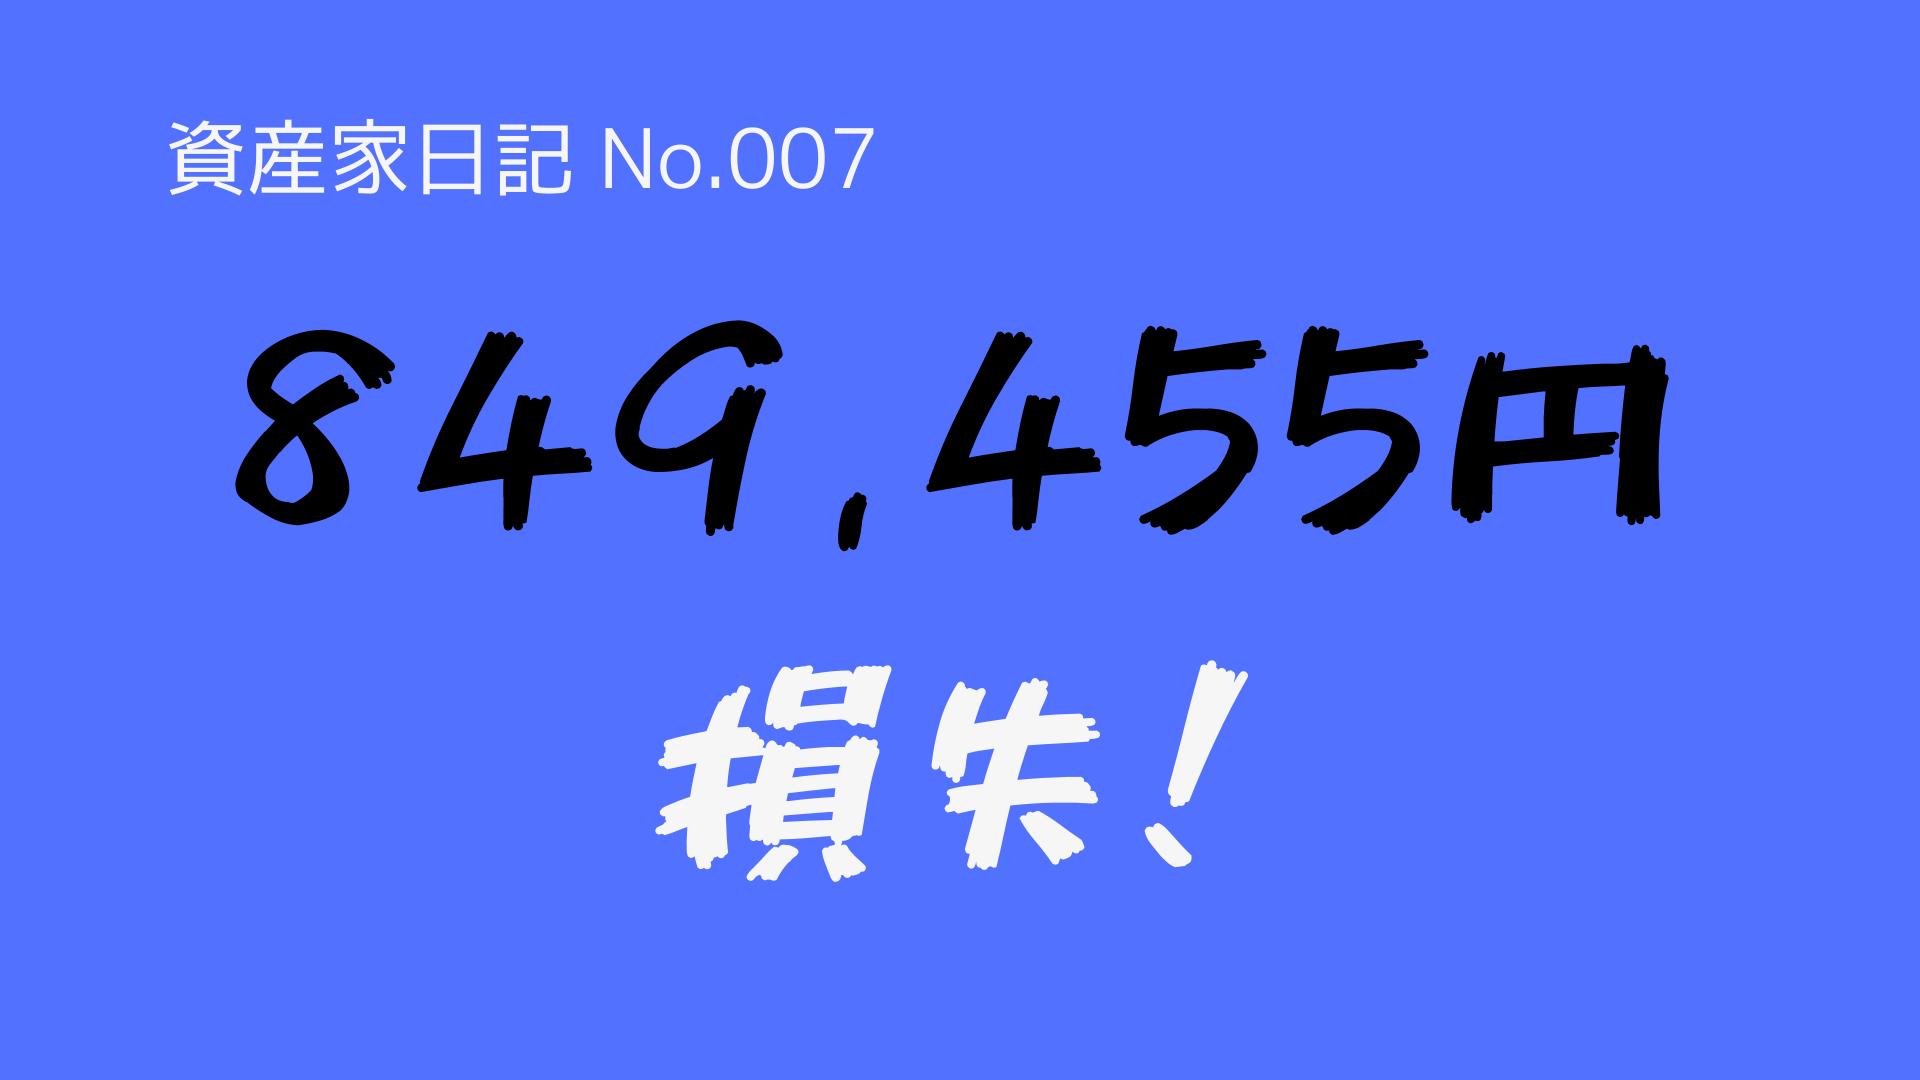 (資産家日記-No.007)資産運用の生涯収支は、85万円の『損失』!